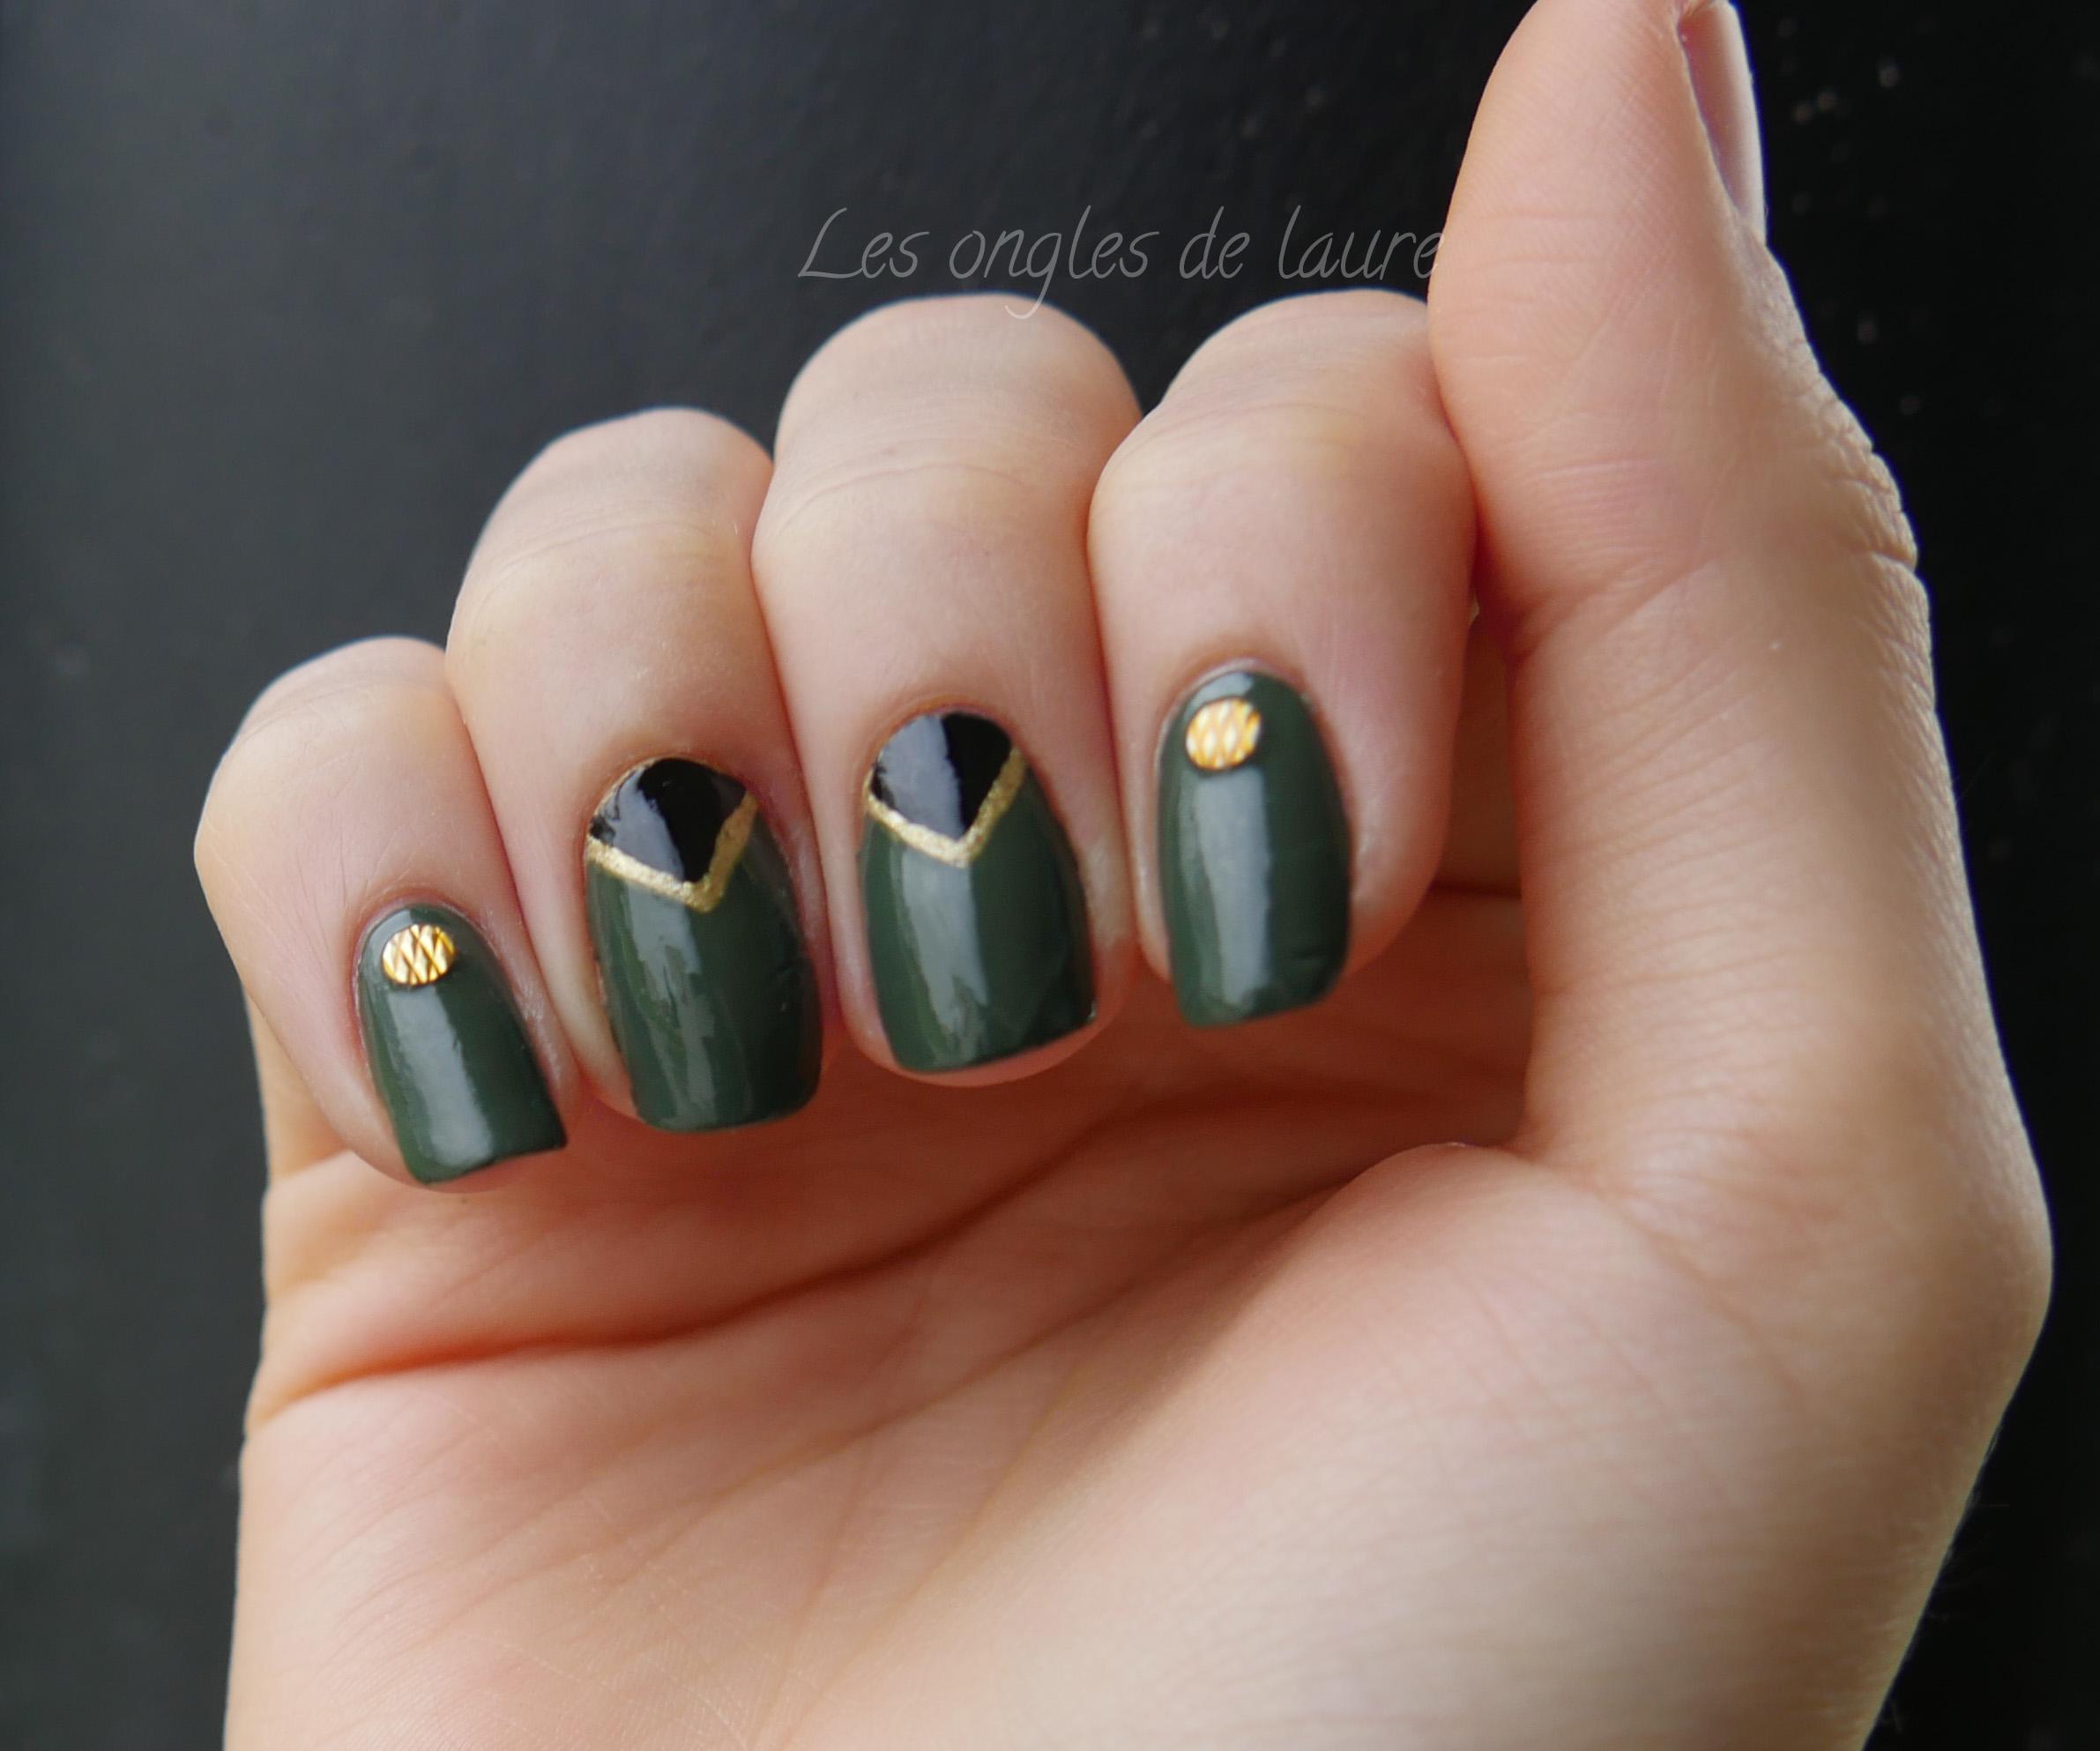 Aujourdhui je viens donc vous montrer le nail art que jai porté sur mes ongles cette semaine. Lassociation de ces 3 couleurs ma beaucoup plu et pour